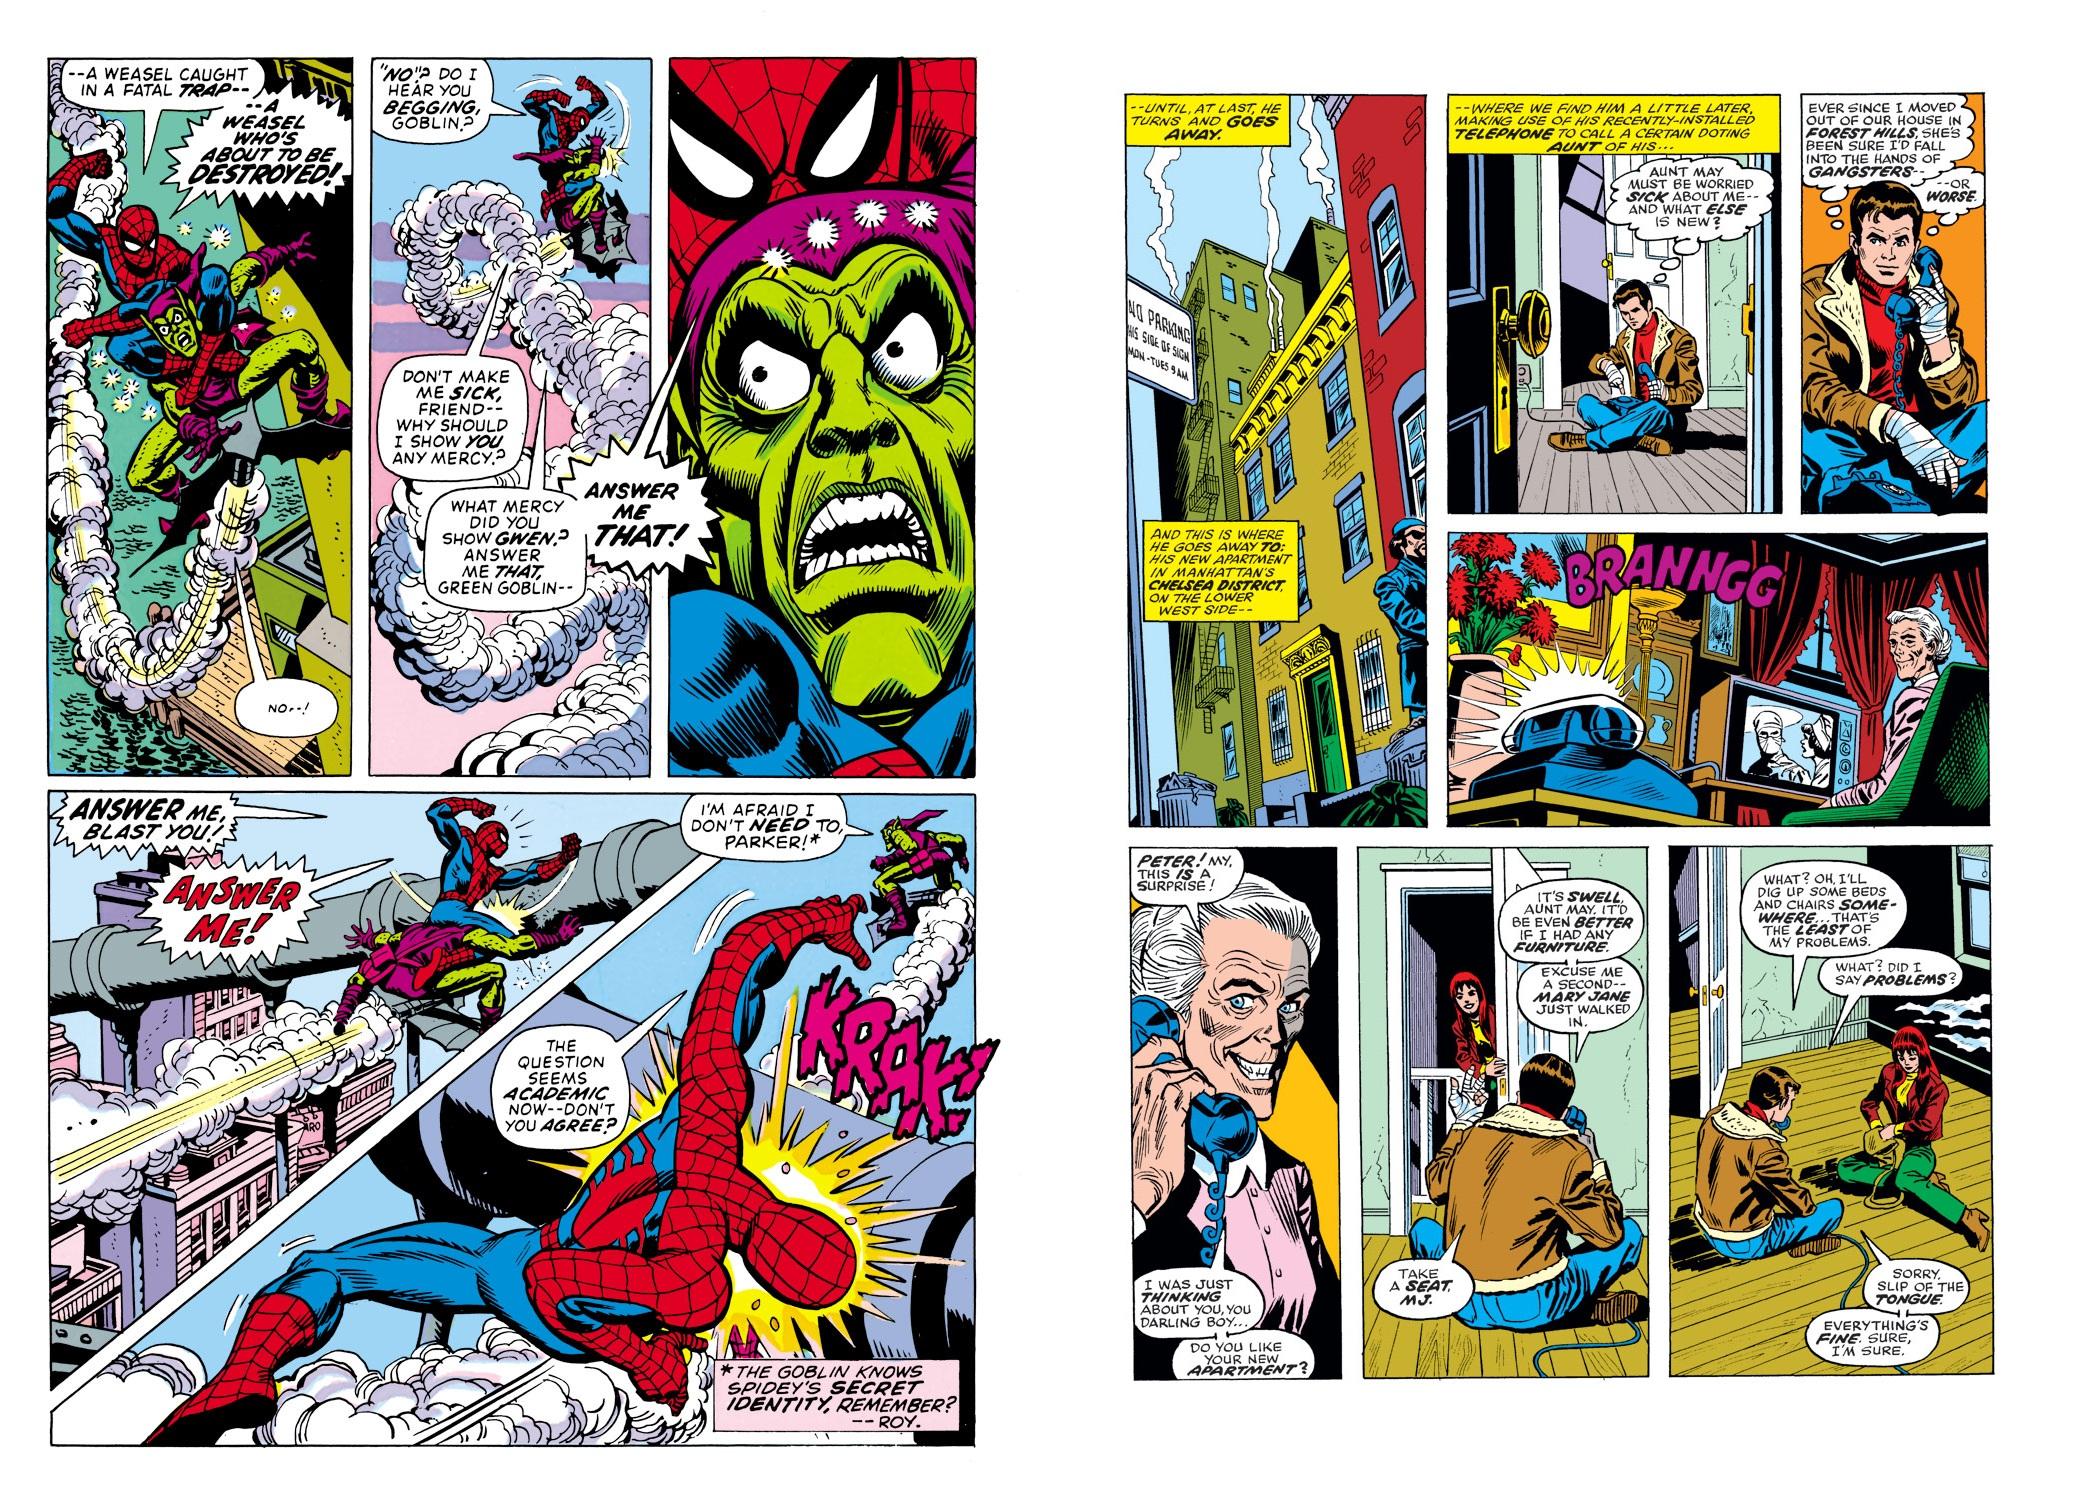 Amazing Spider-Man Omnibus 4 review